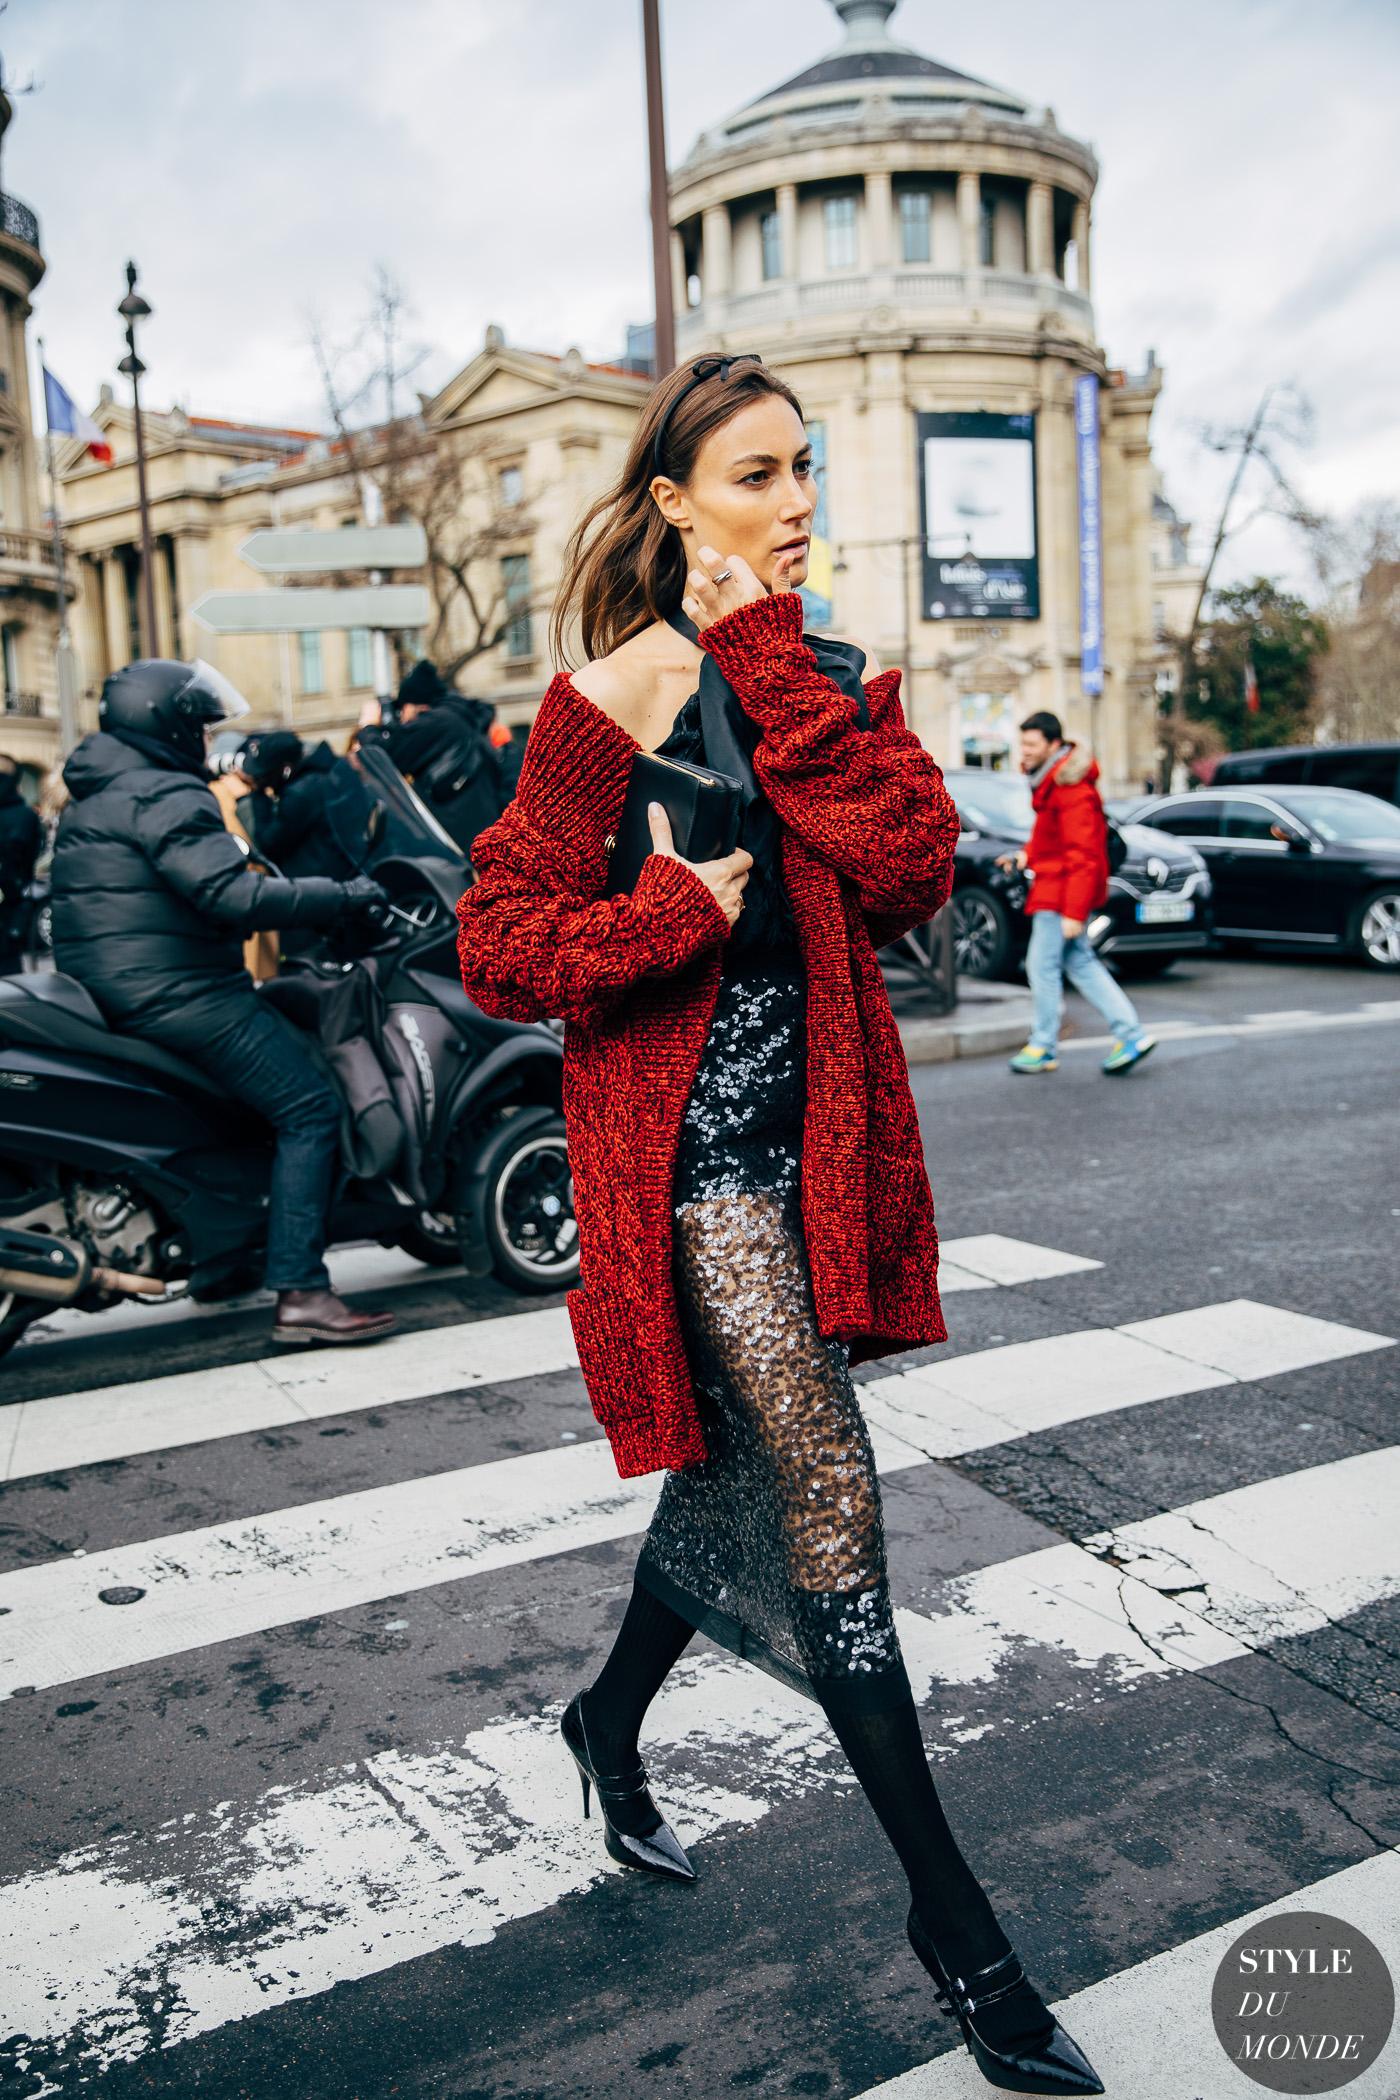 đầm yếm sequin đen cardigan đỏ thời trang cung hoàng đạo